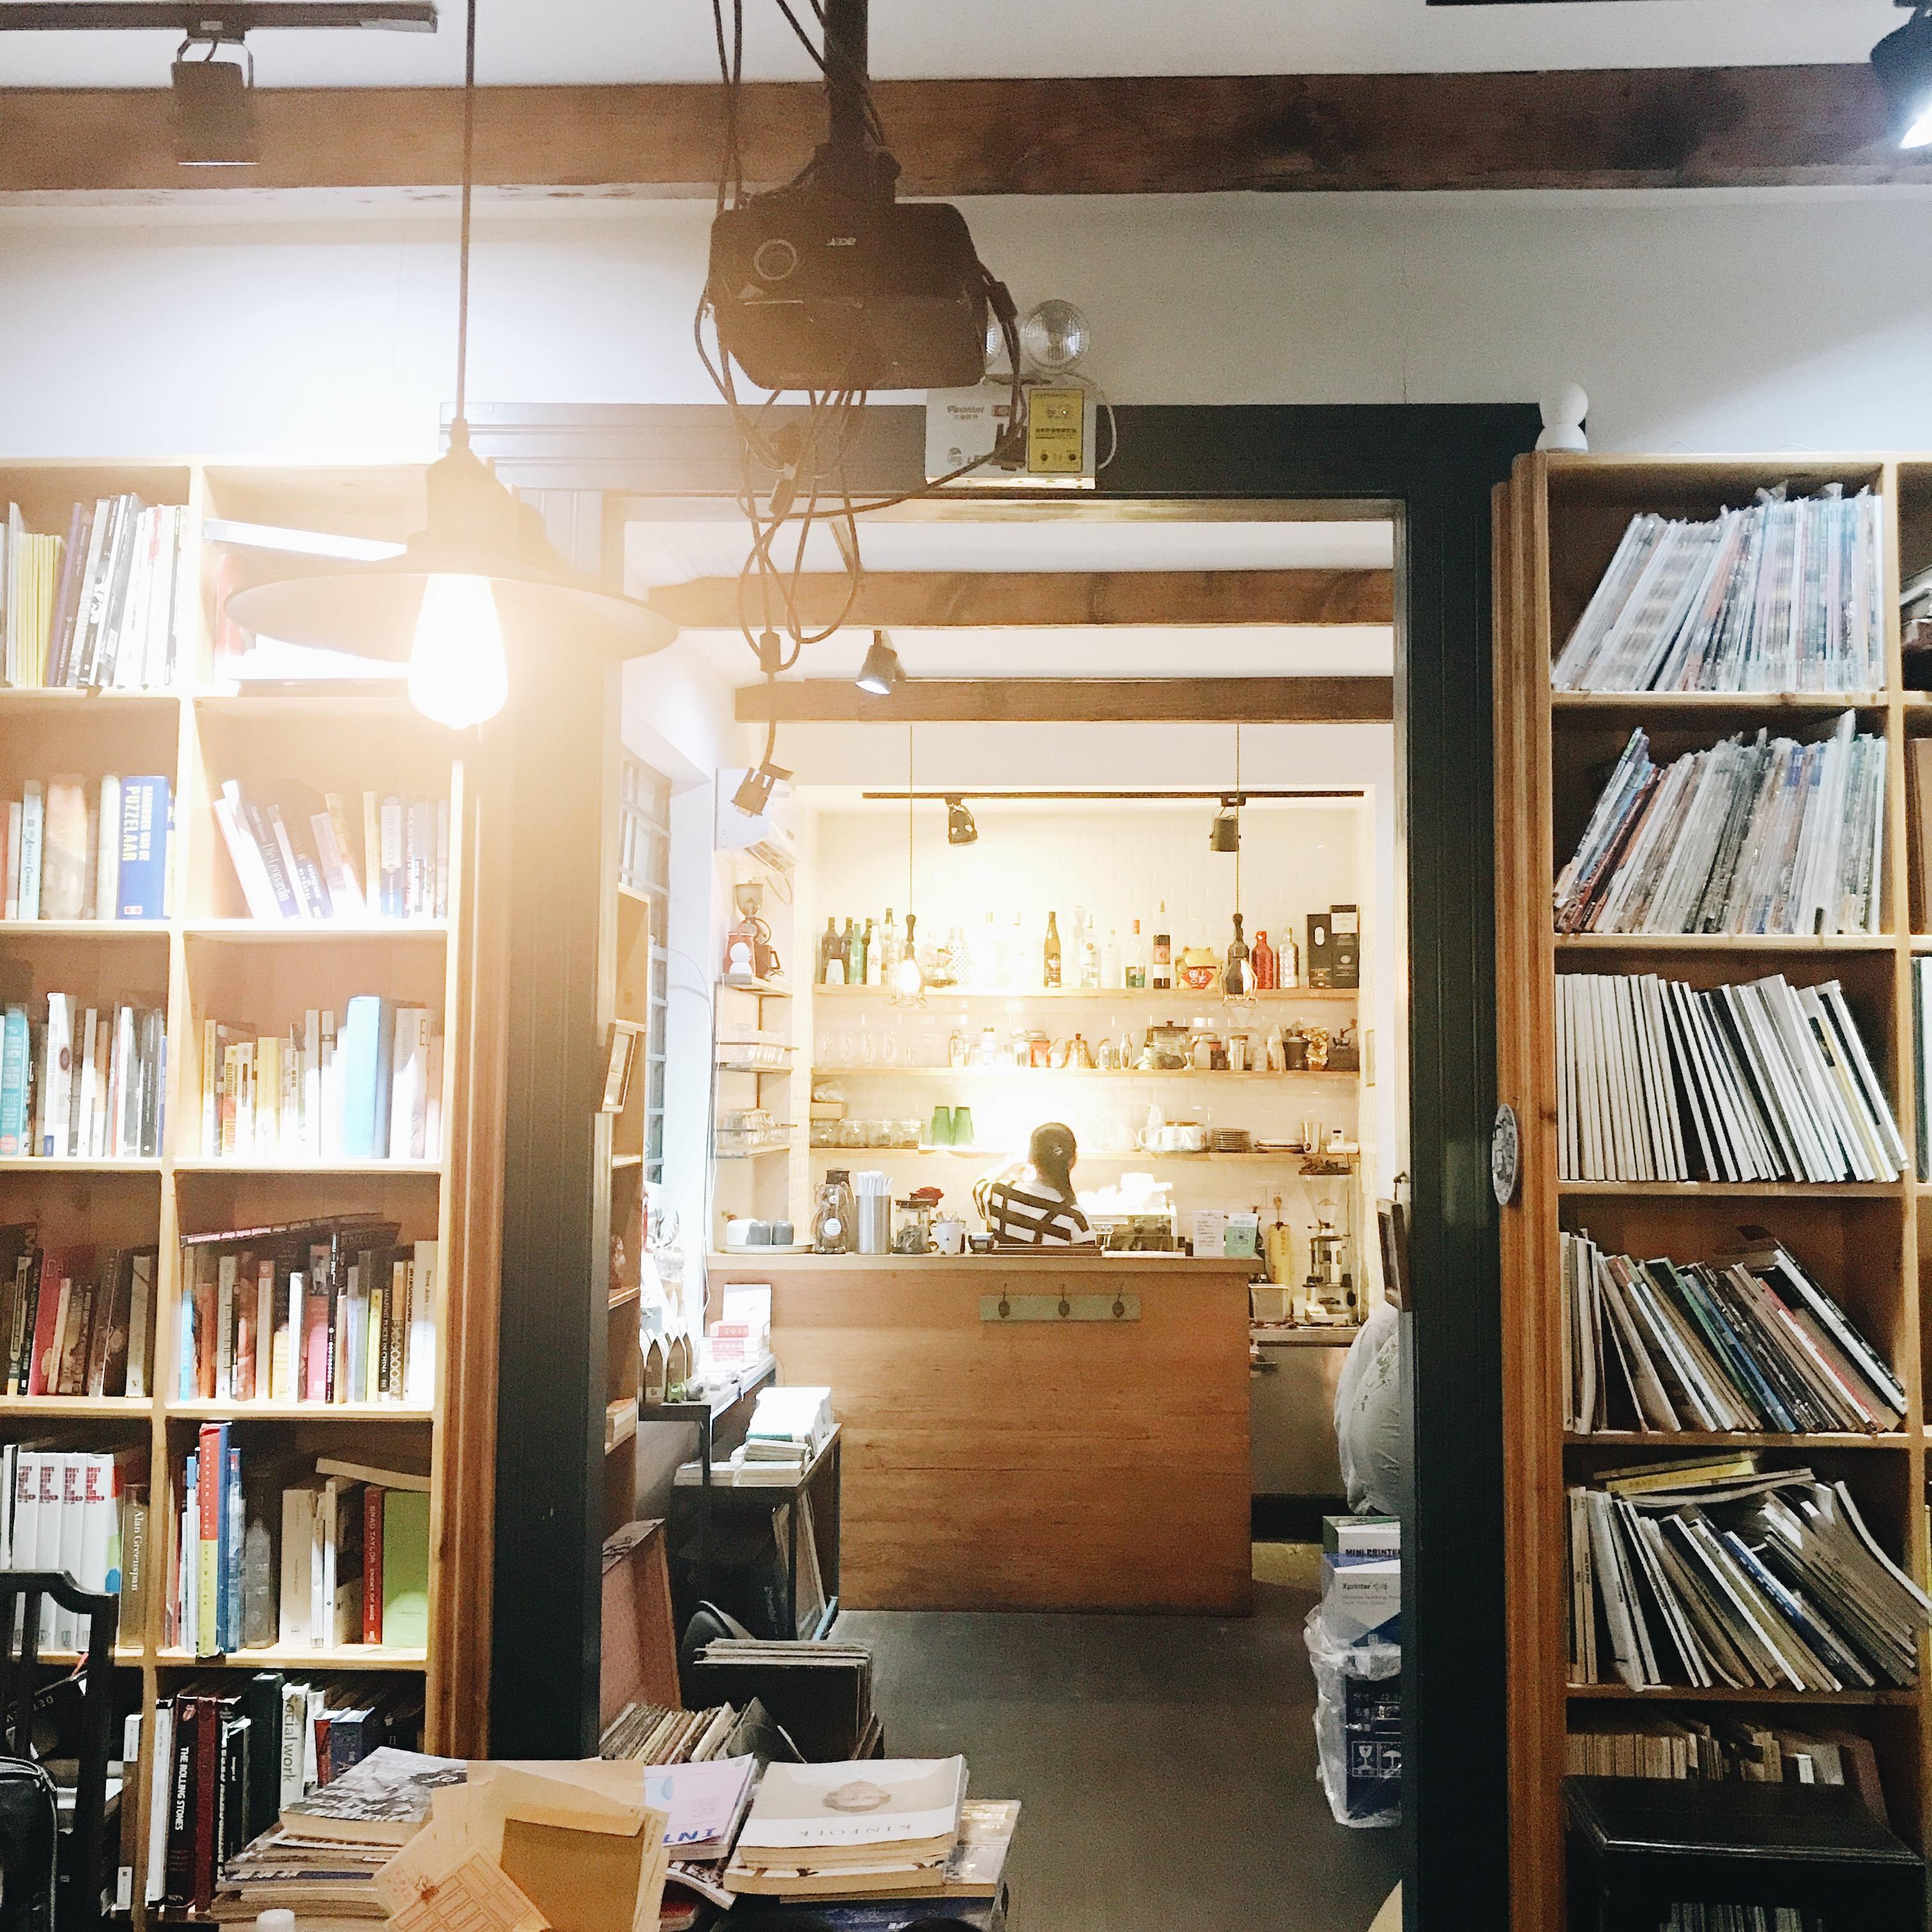 db57e52a 3270 4888 b9fb e559340c8911 - 1984 BOOKSTORE - 扉の奥にある隠れ家ブックカフェ